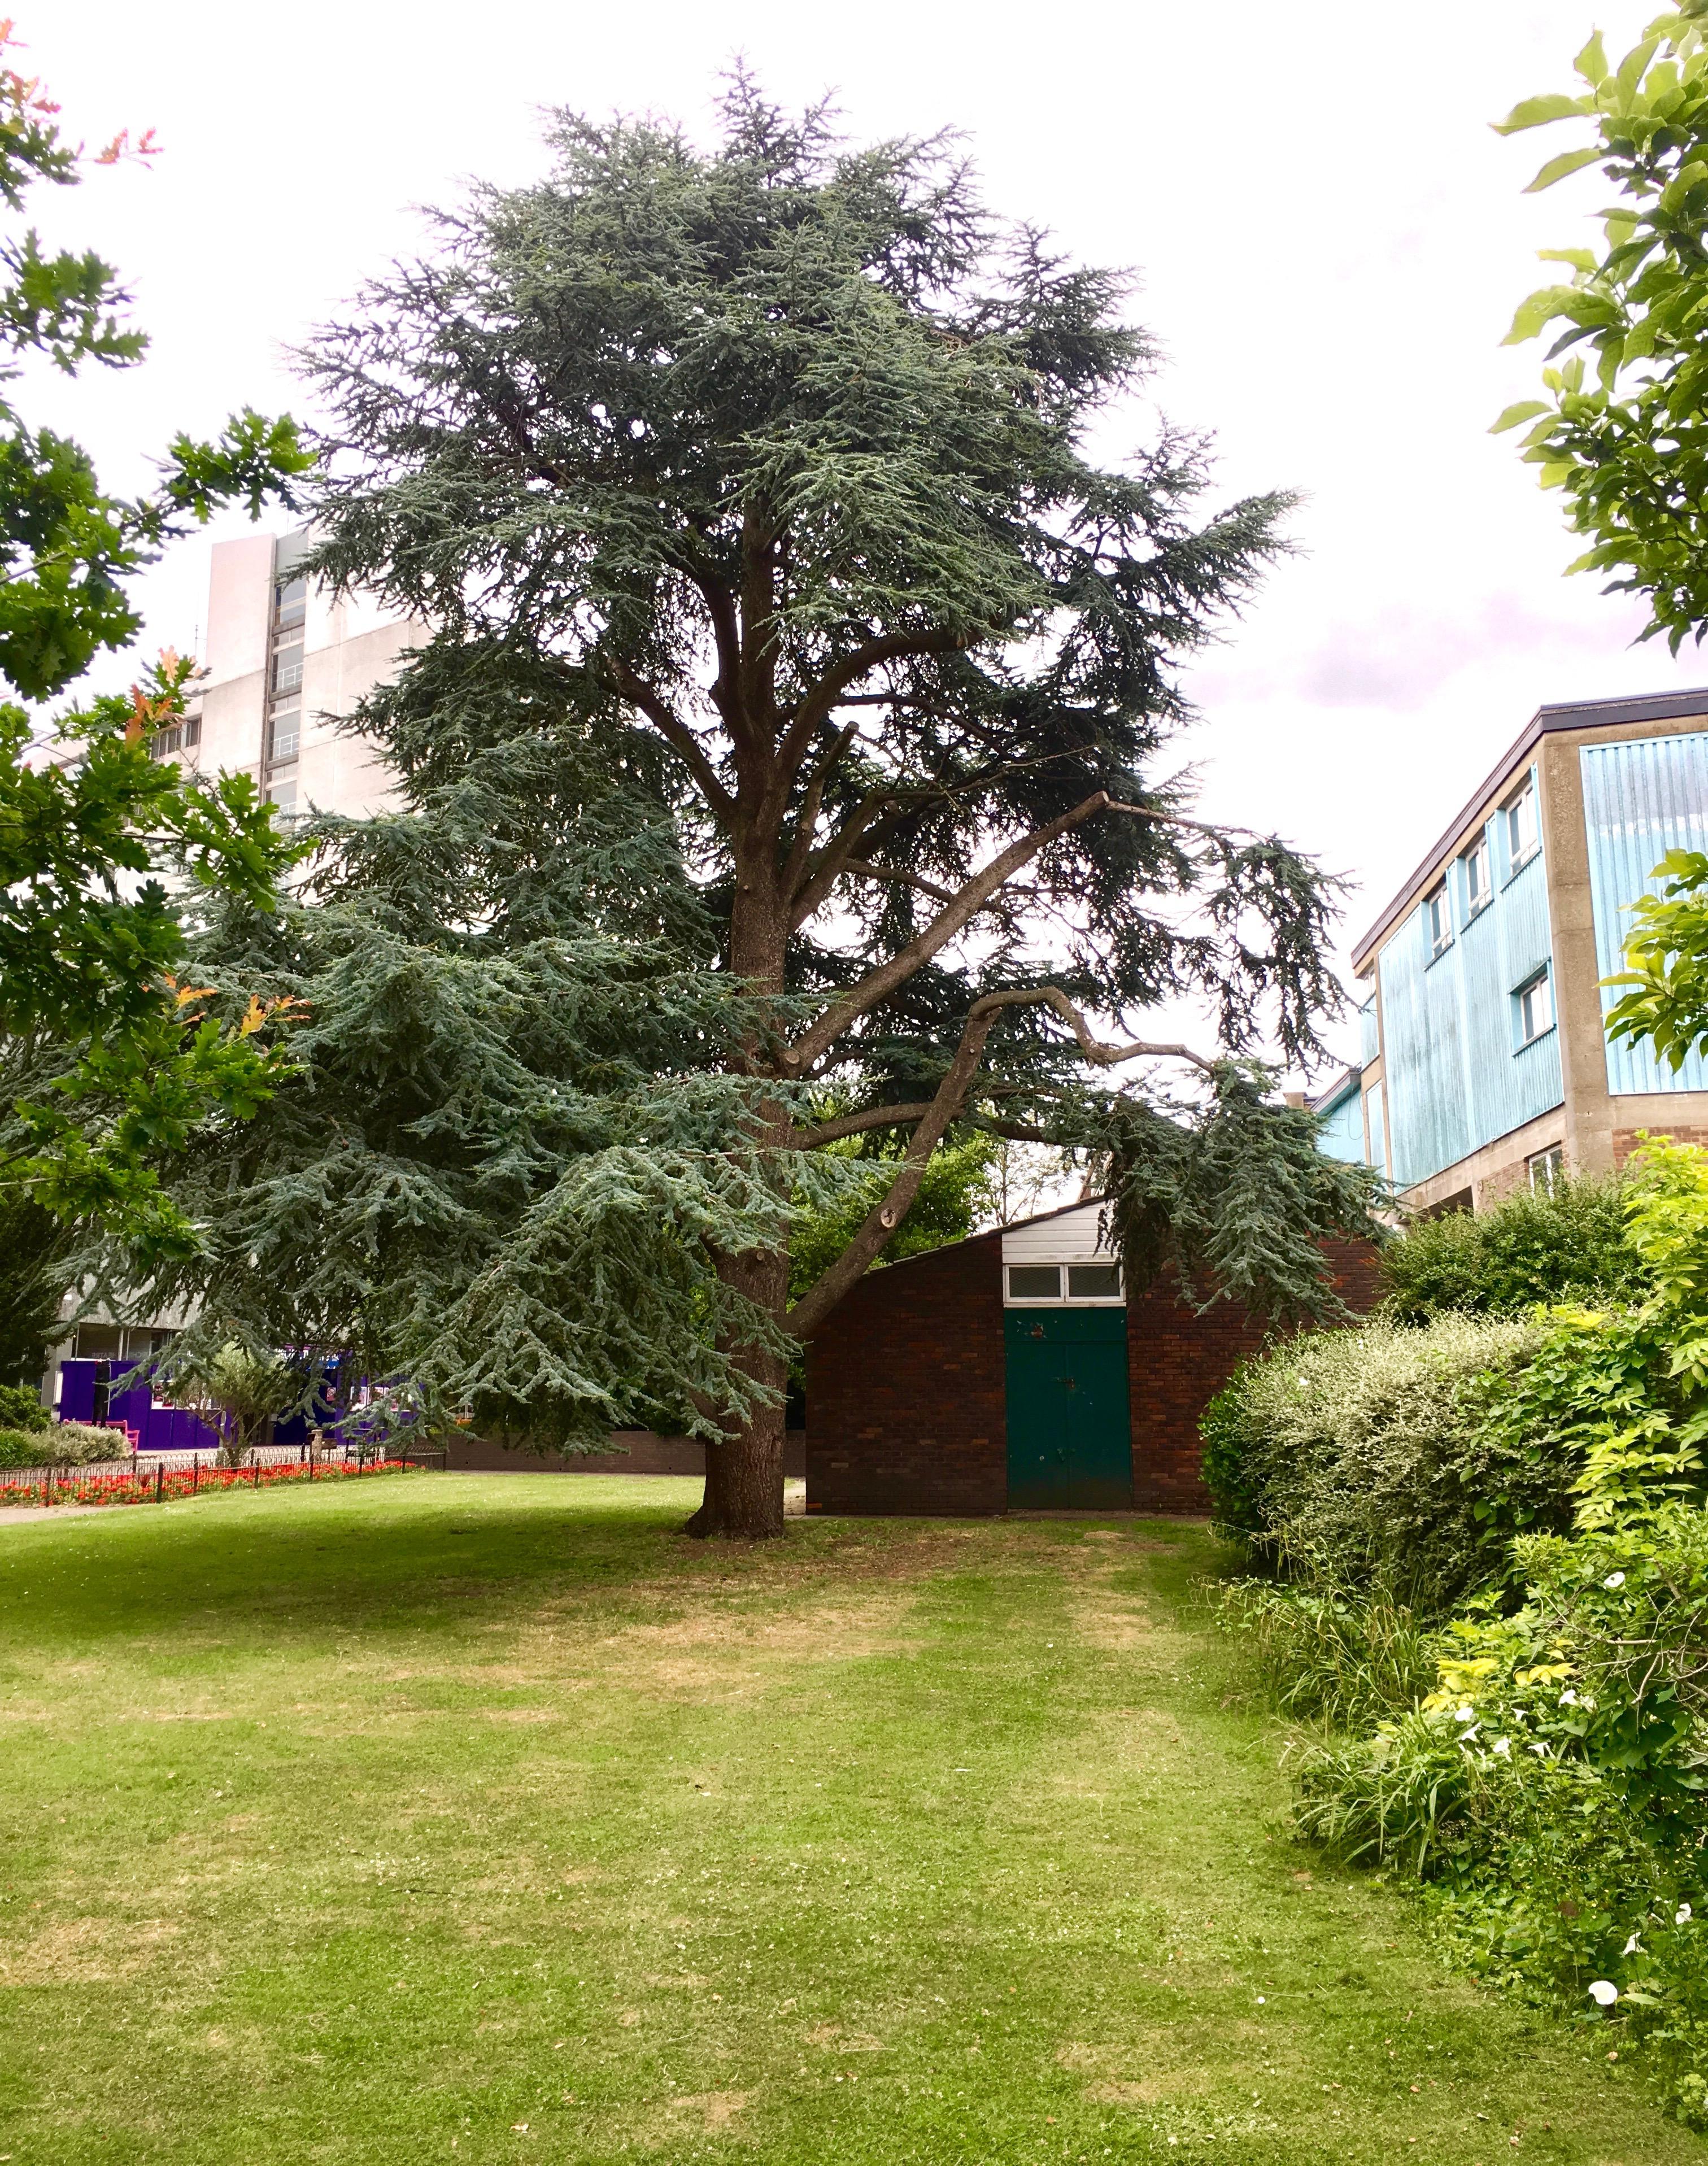 Cedar tree under development threat in Library Gardens